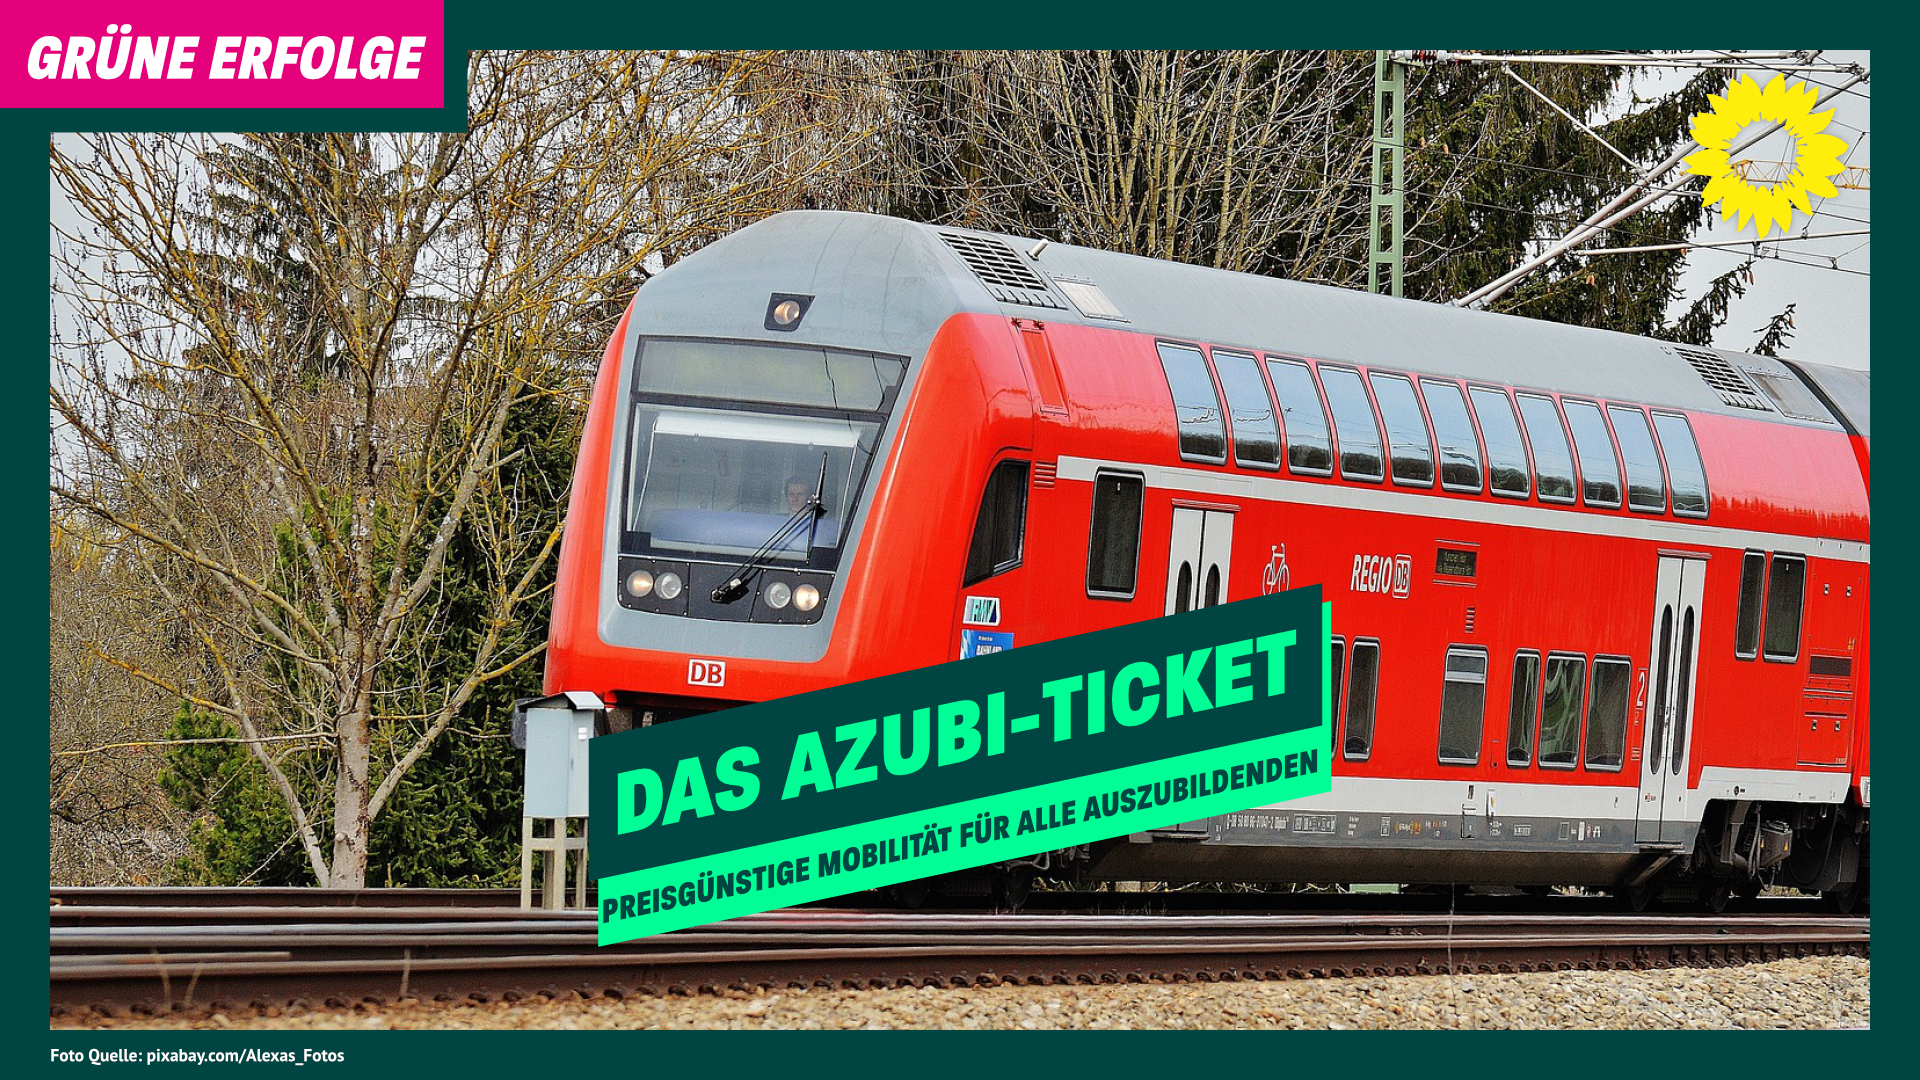 Grüne für das Azubi-Ticket